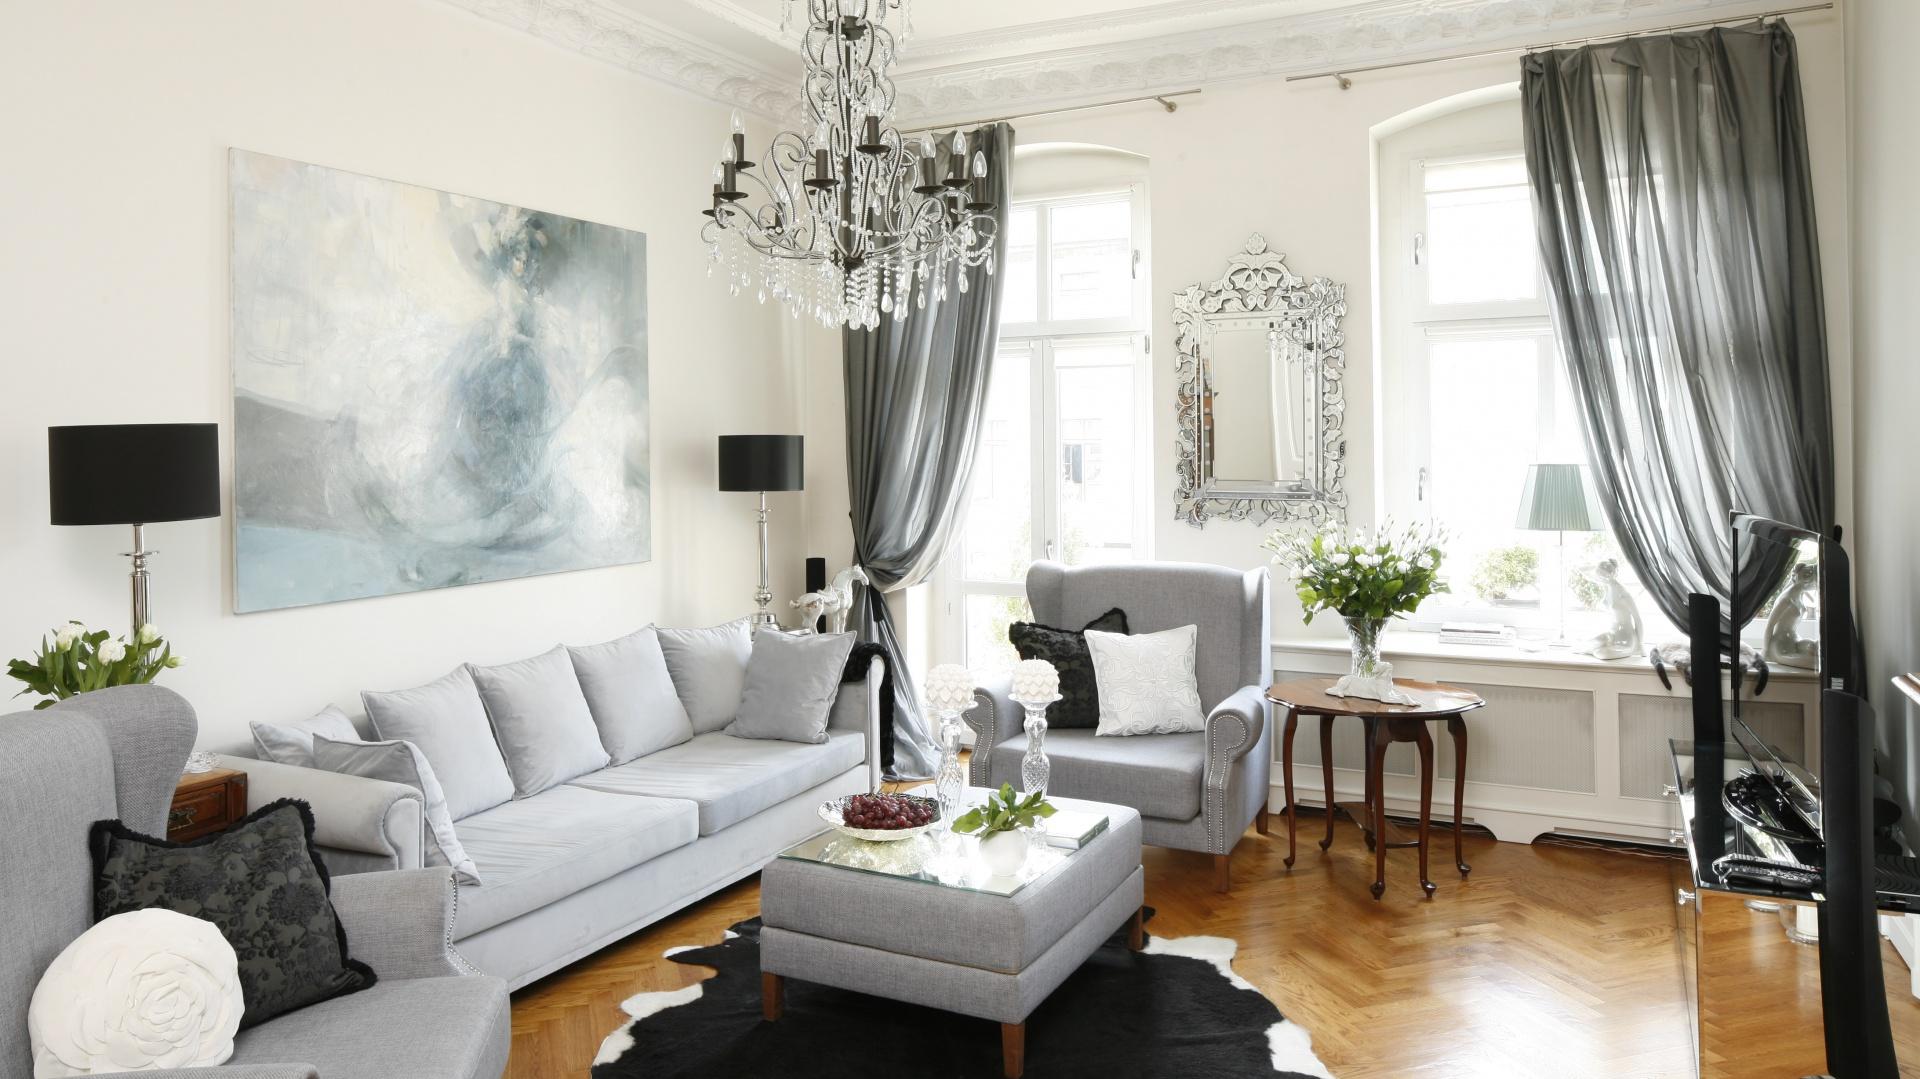 Dekoracja okna w stylu 15 sposob w na aran acj okna for 25m2 wohnzimmer einrichten